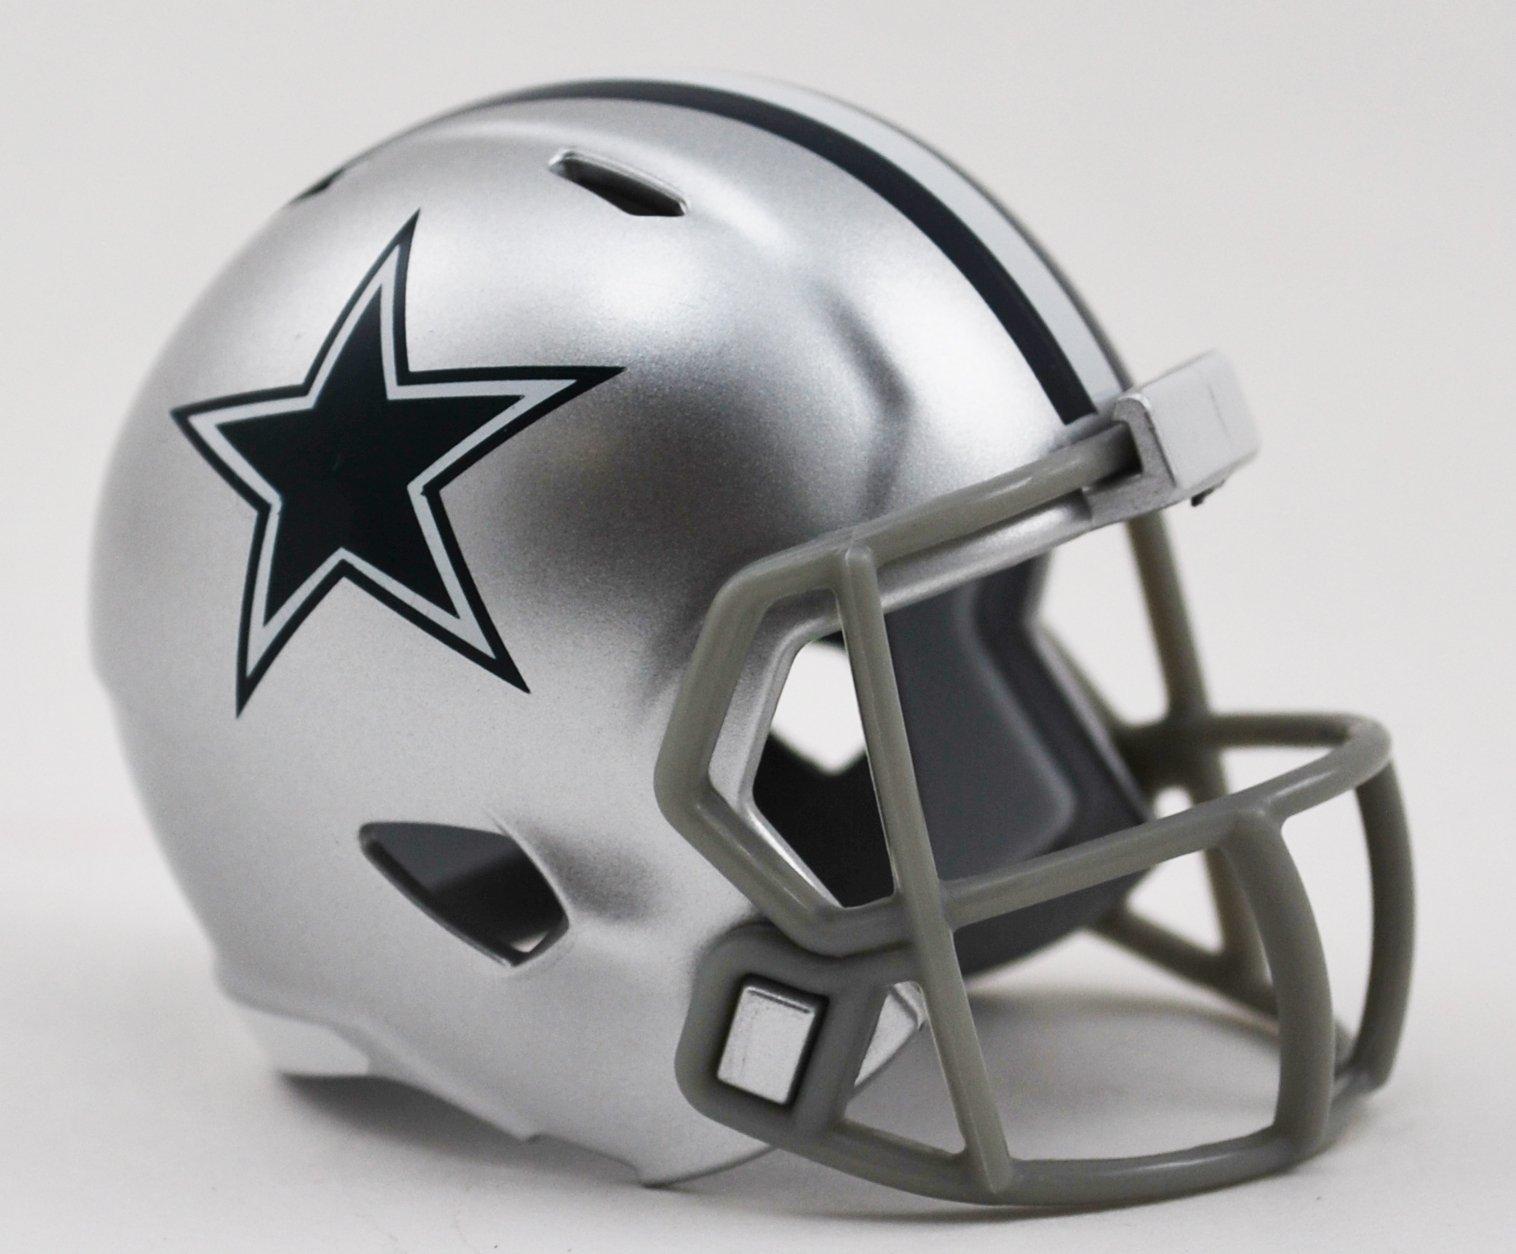 Dallas Cowboys Riddell Speed Pocket Pro Football Helmet New in package